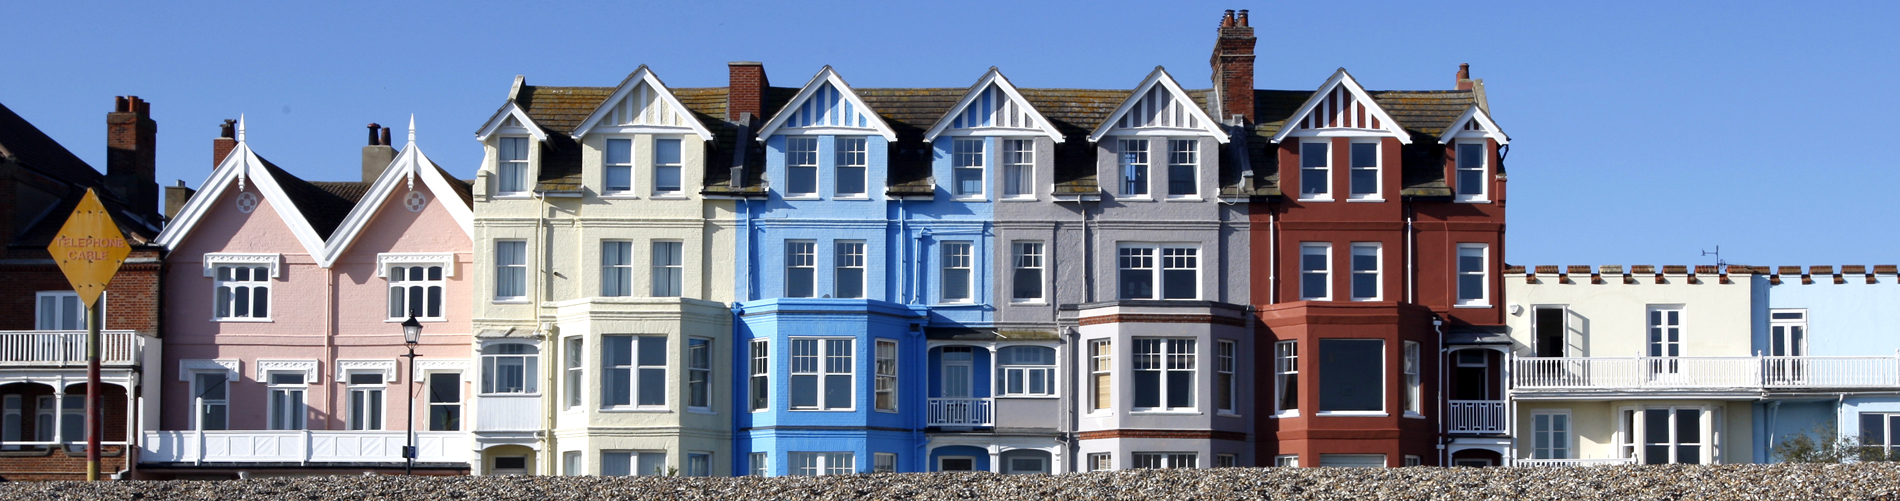 Upstix Estate Agents Ipswich